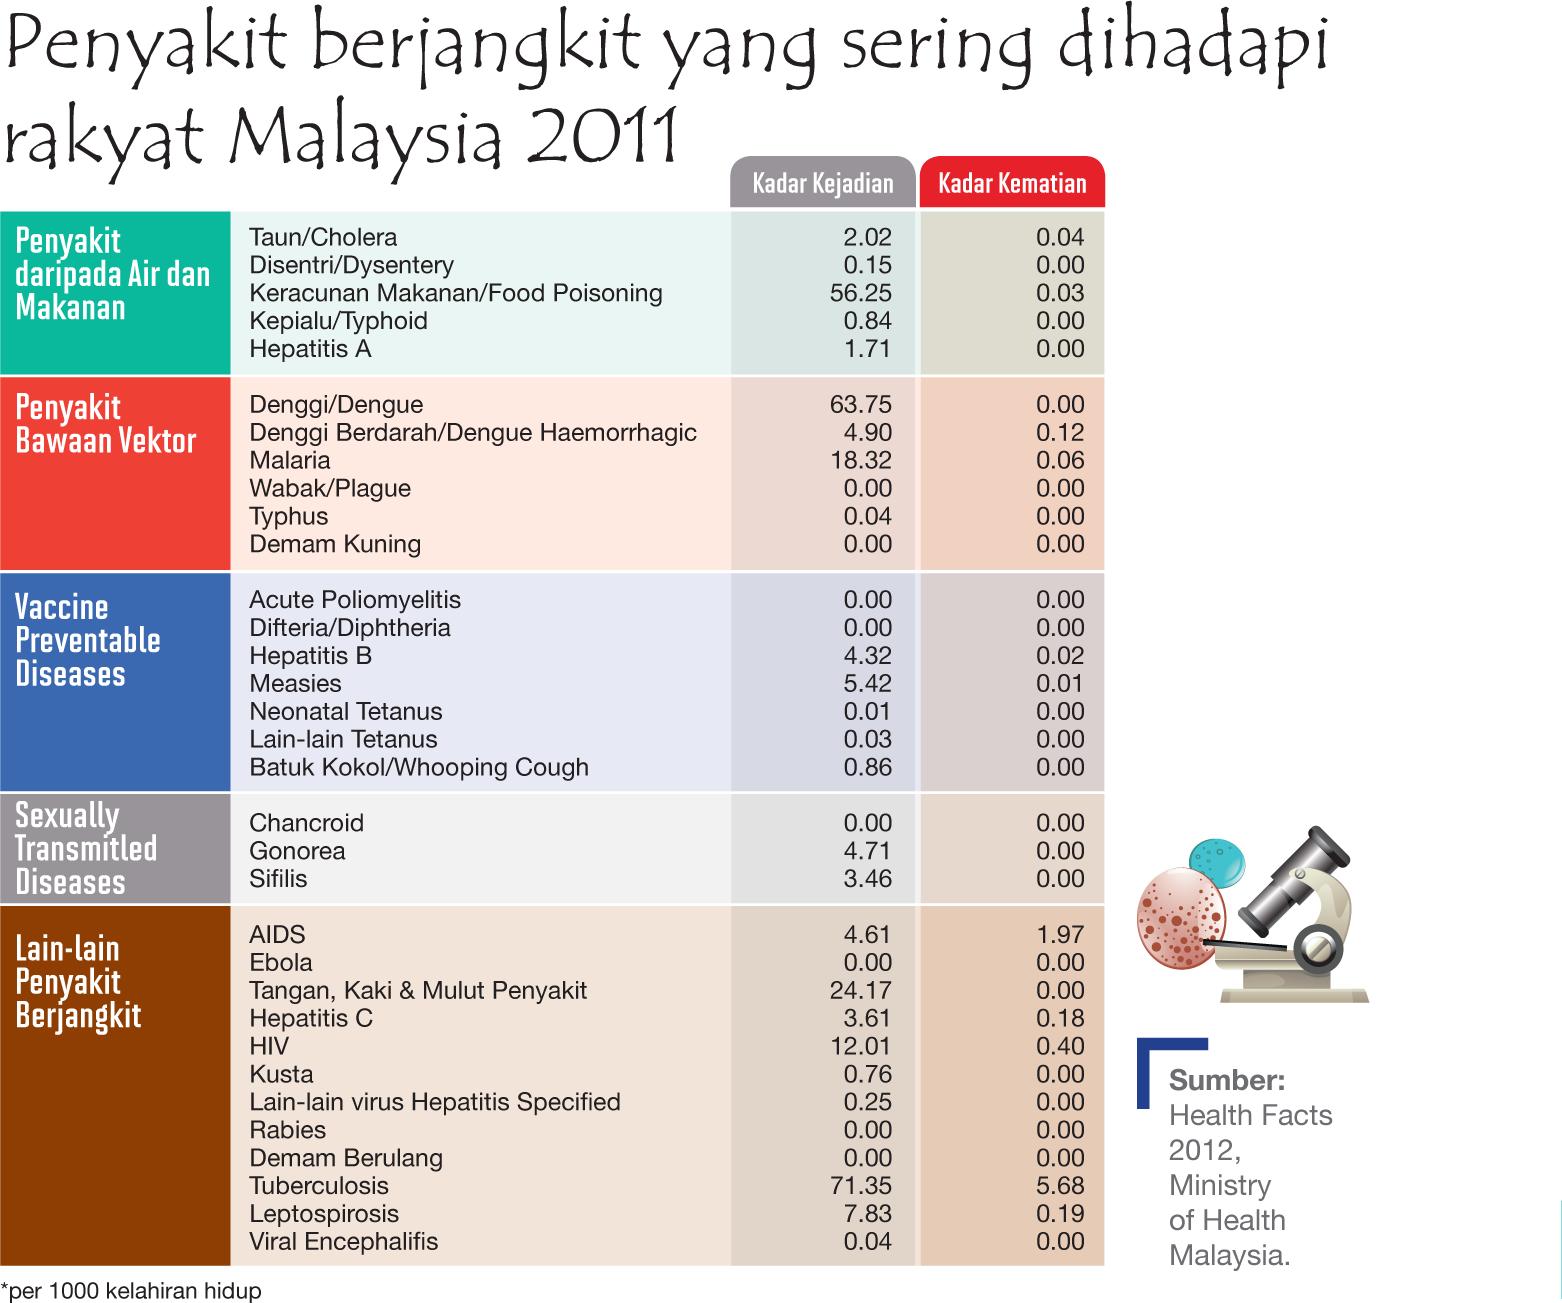 Penyakit Cari Minions Malaysia